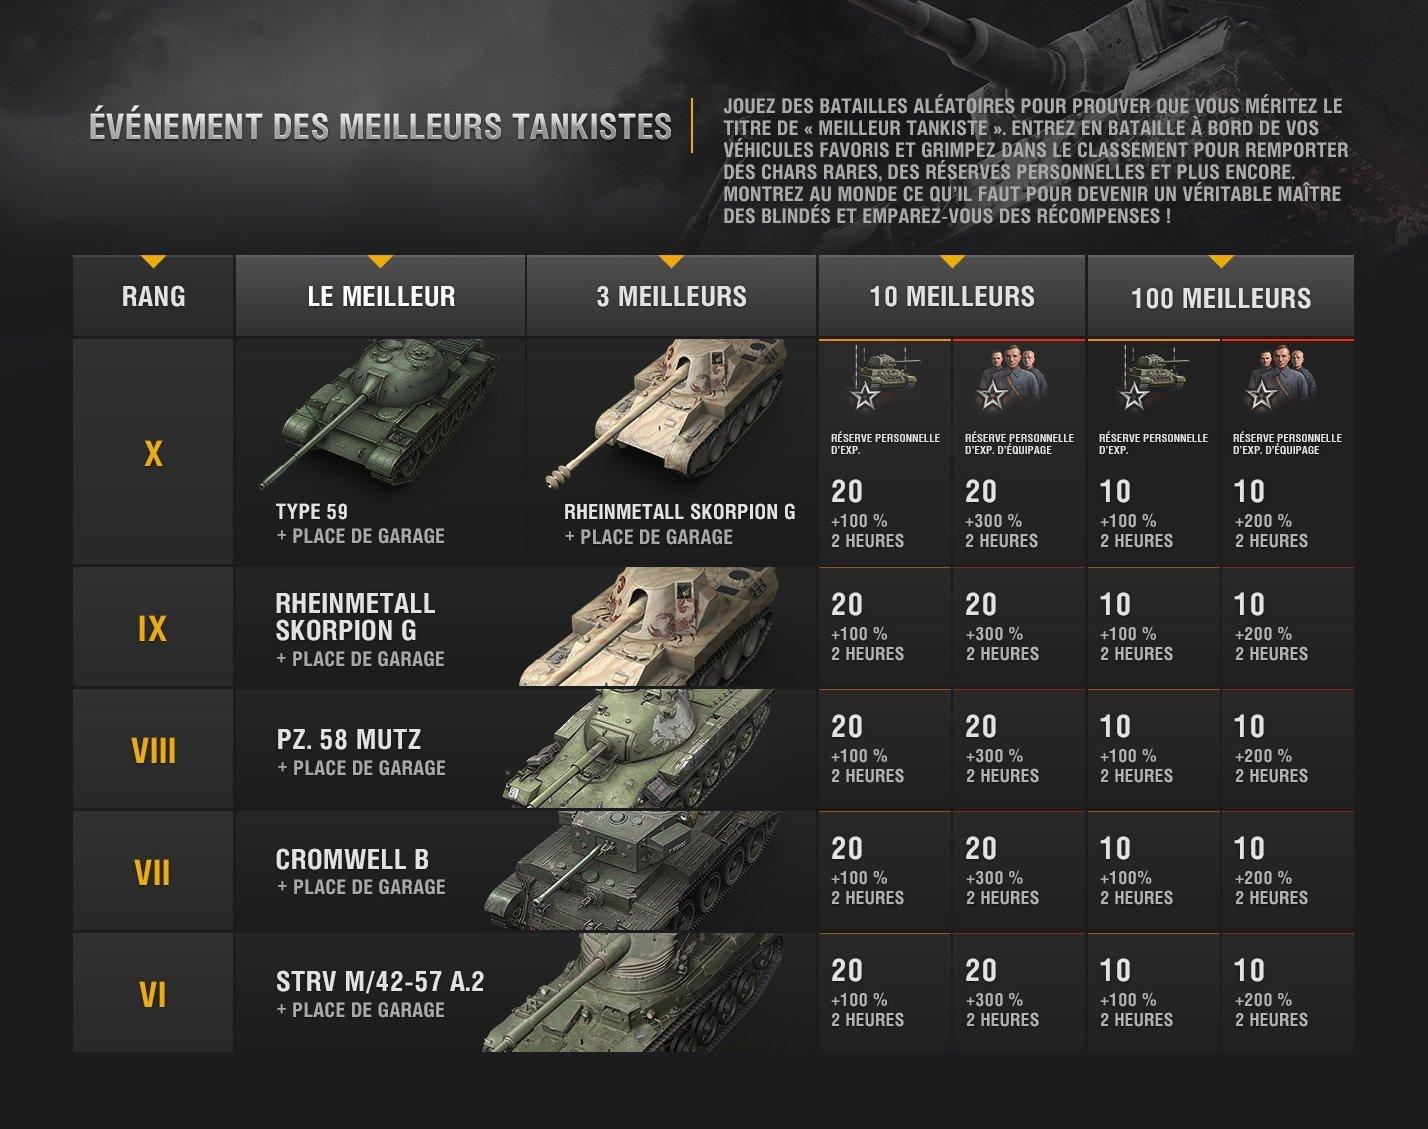 Evénement meilleur tankiste (Pour la gloire !) Top-tankers_fr